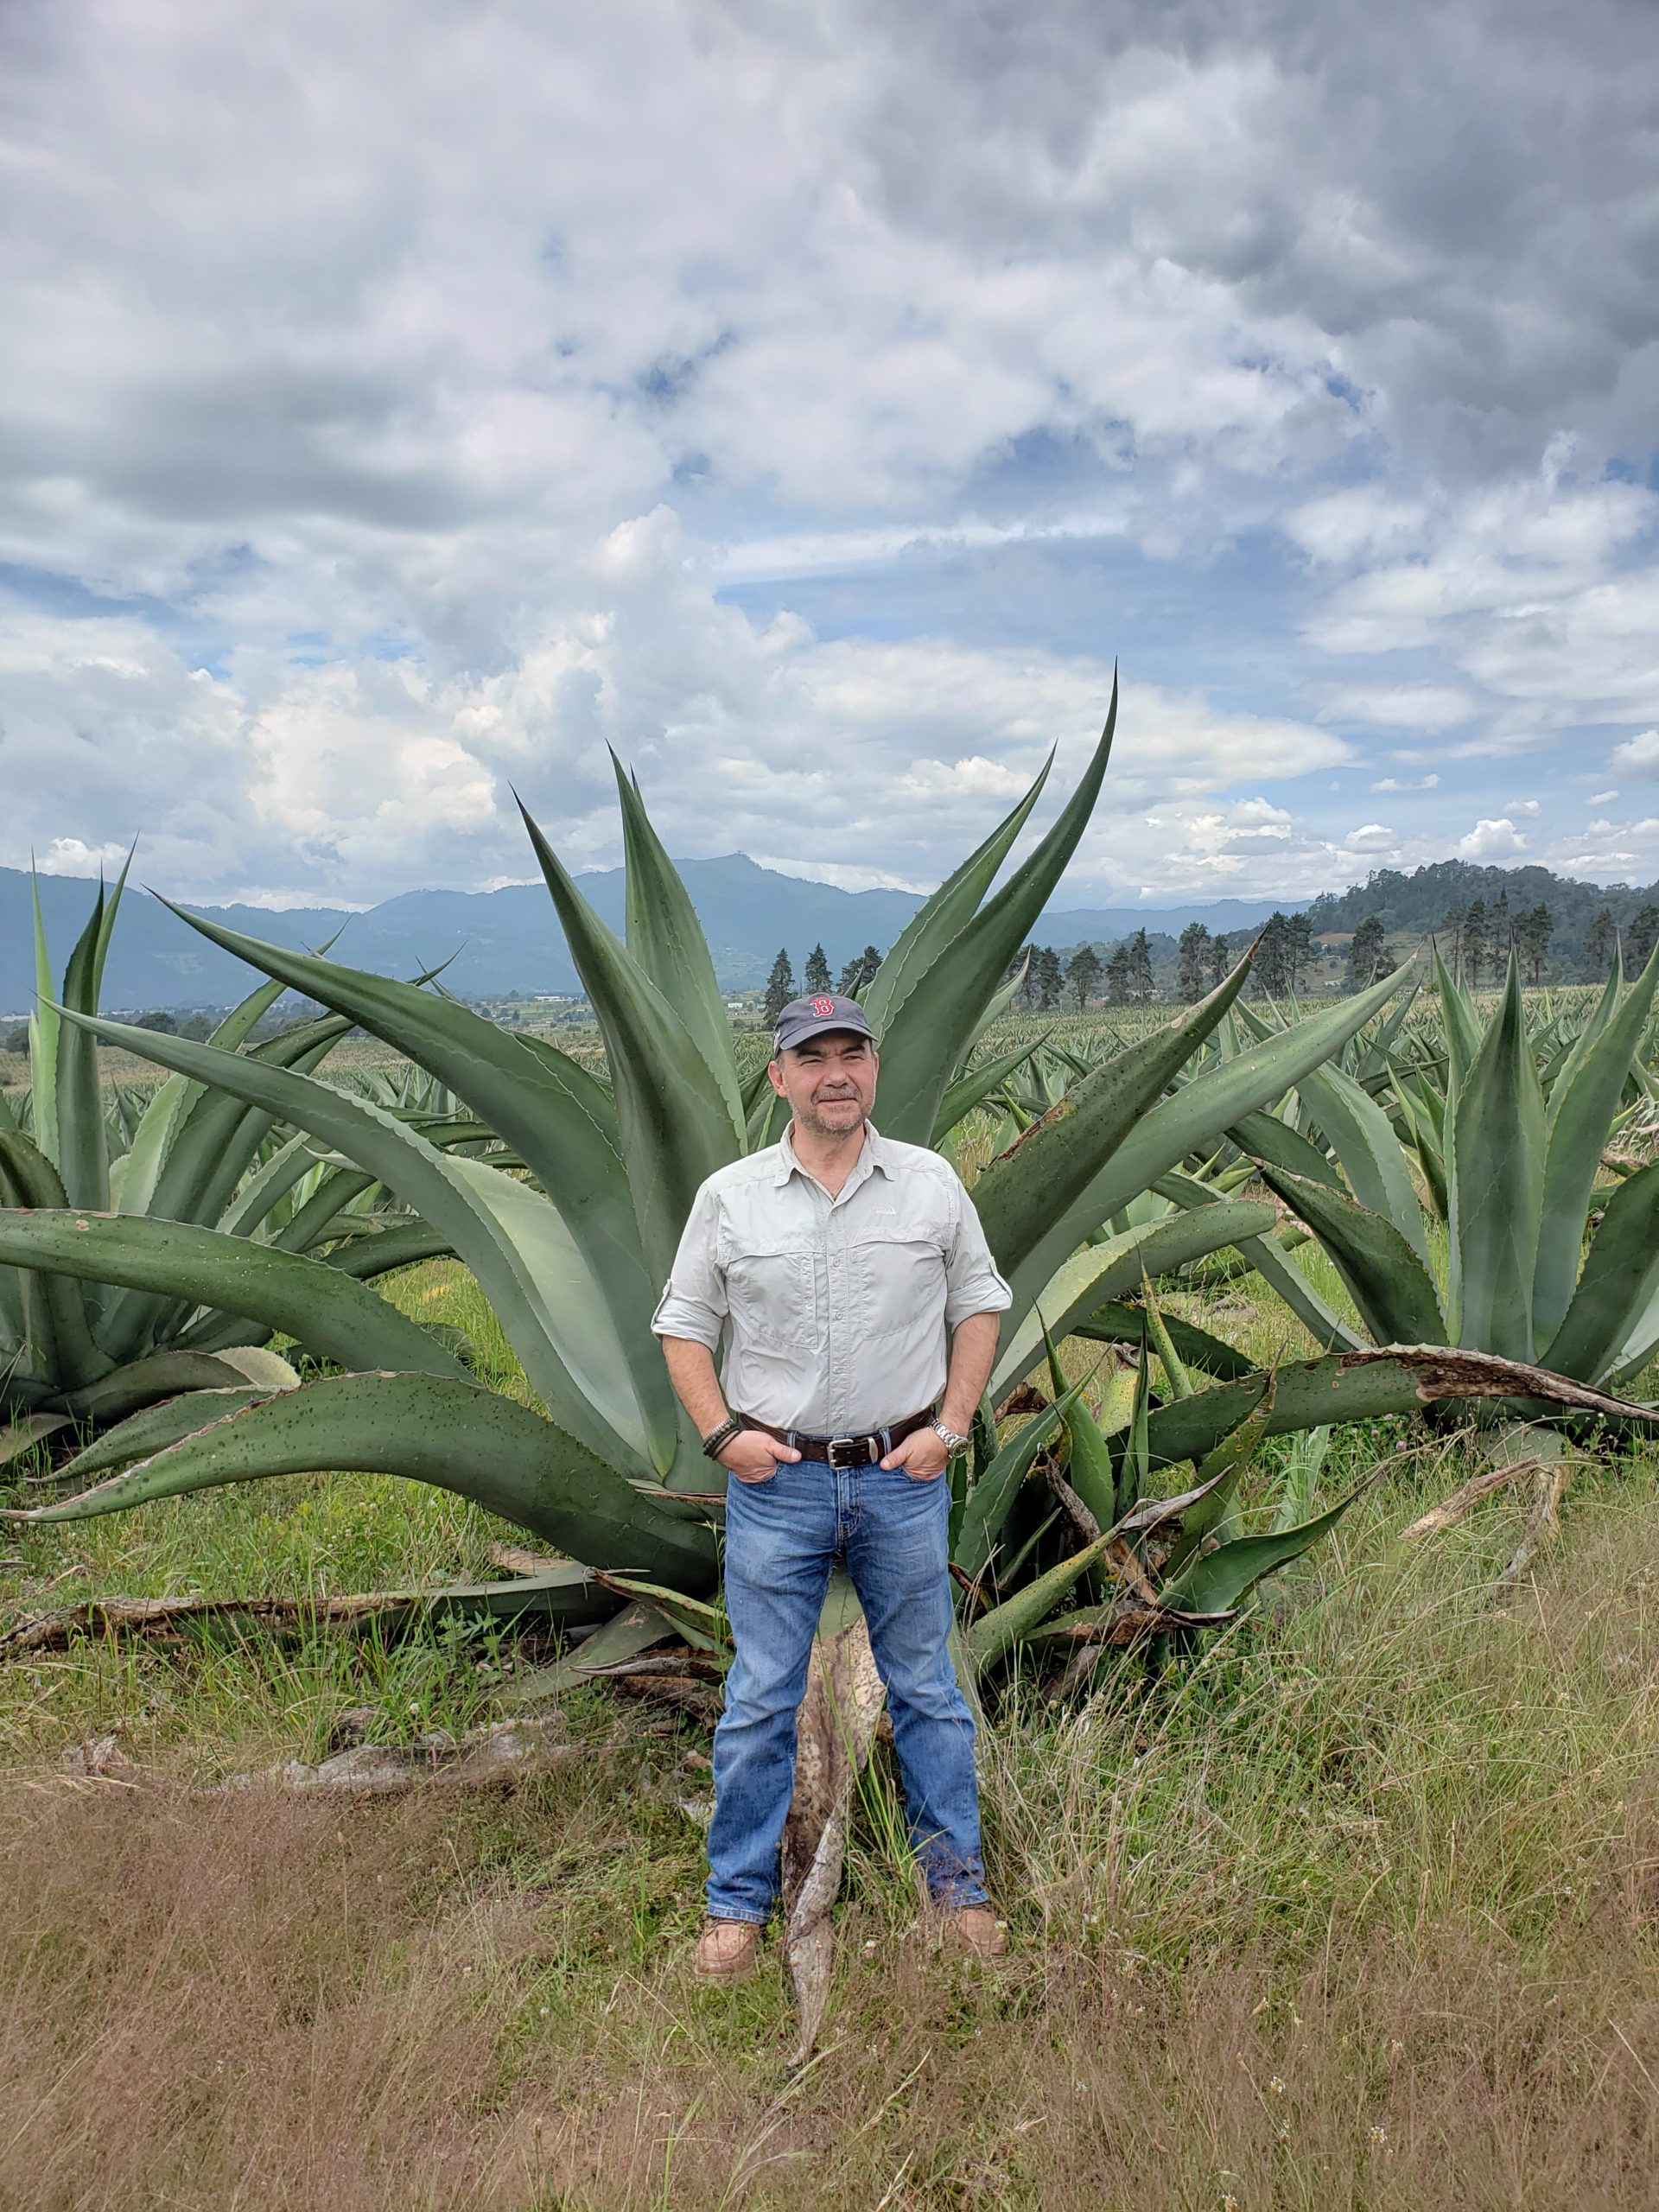 Oscar en Zacatlán de las Manzanas, Puebla. Agave Salmiana, materia prima para el destilado de pulque (Mitotl Coahvilteca).